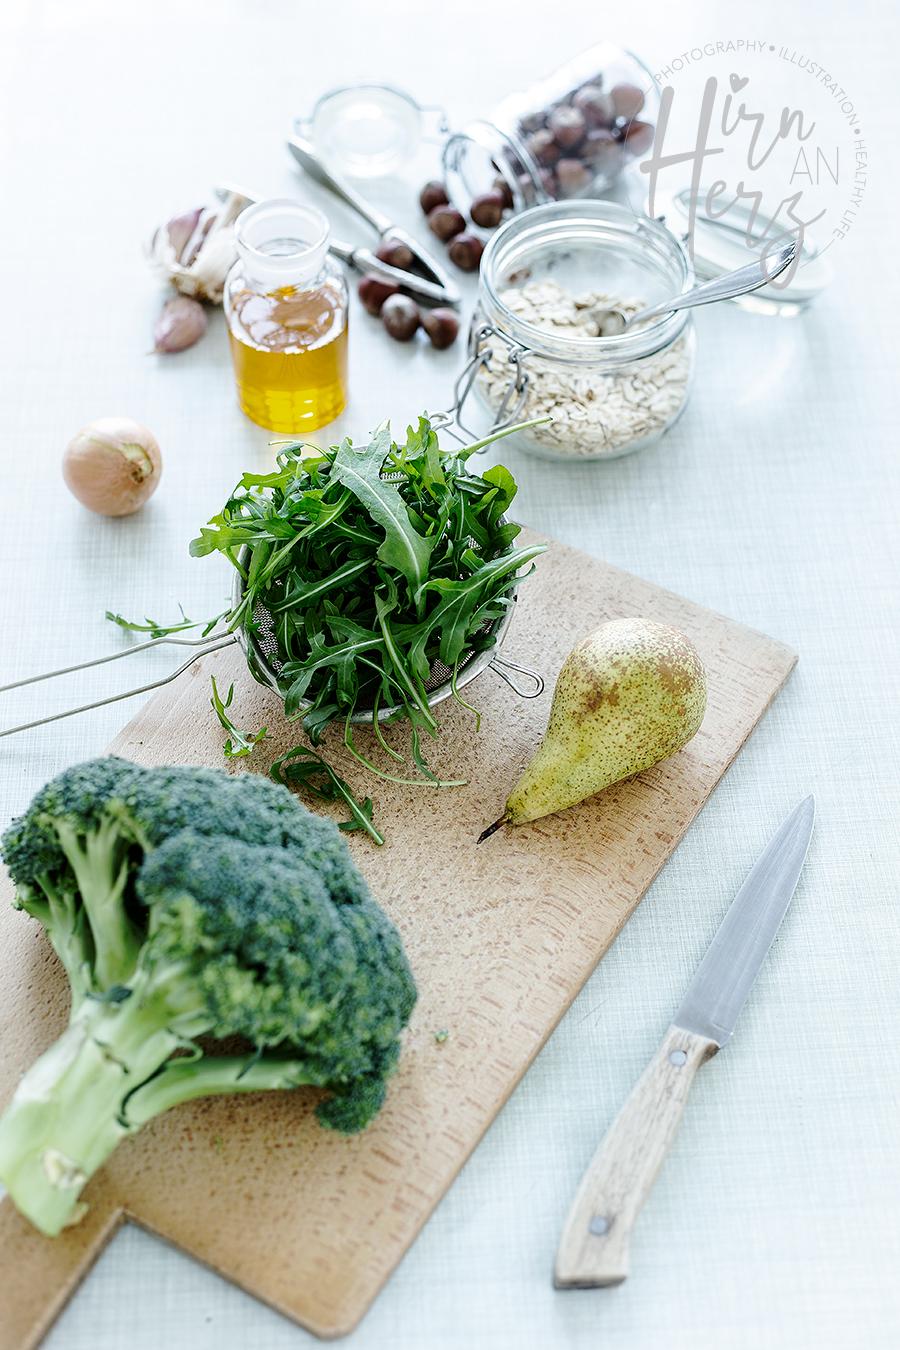 Zutaten-Brokoli-Rucola-Birnen-Brotaufstrich